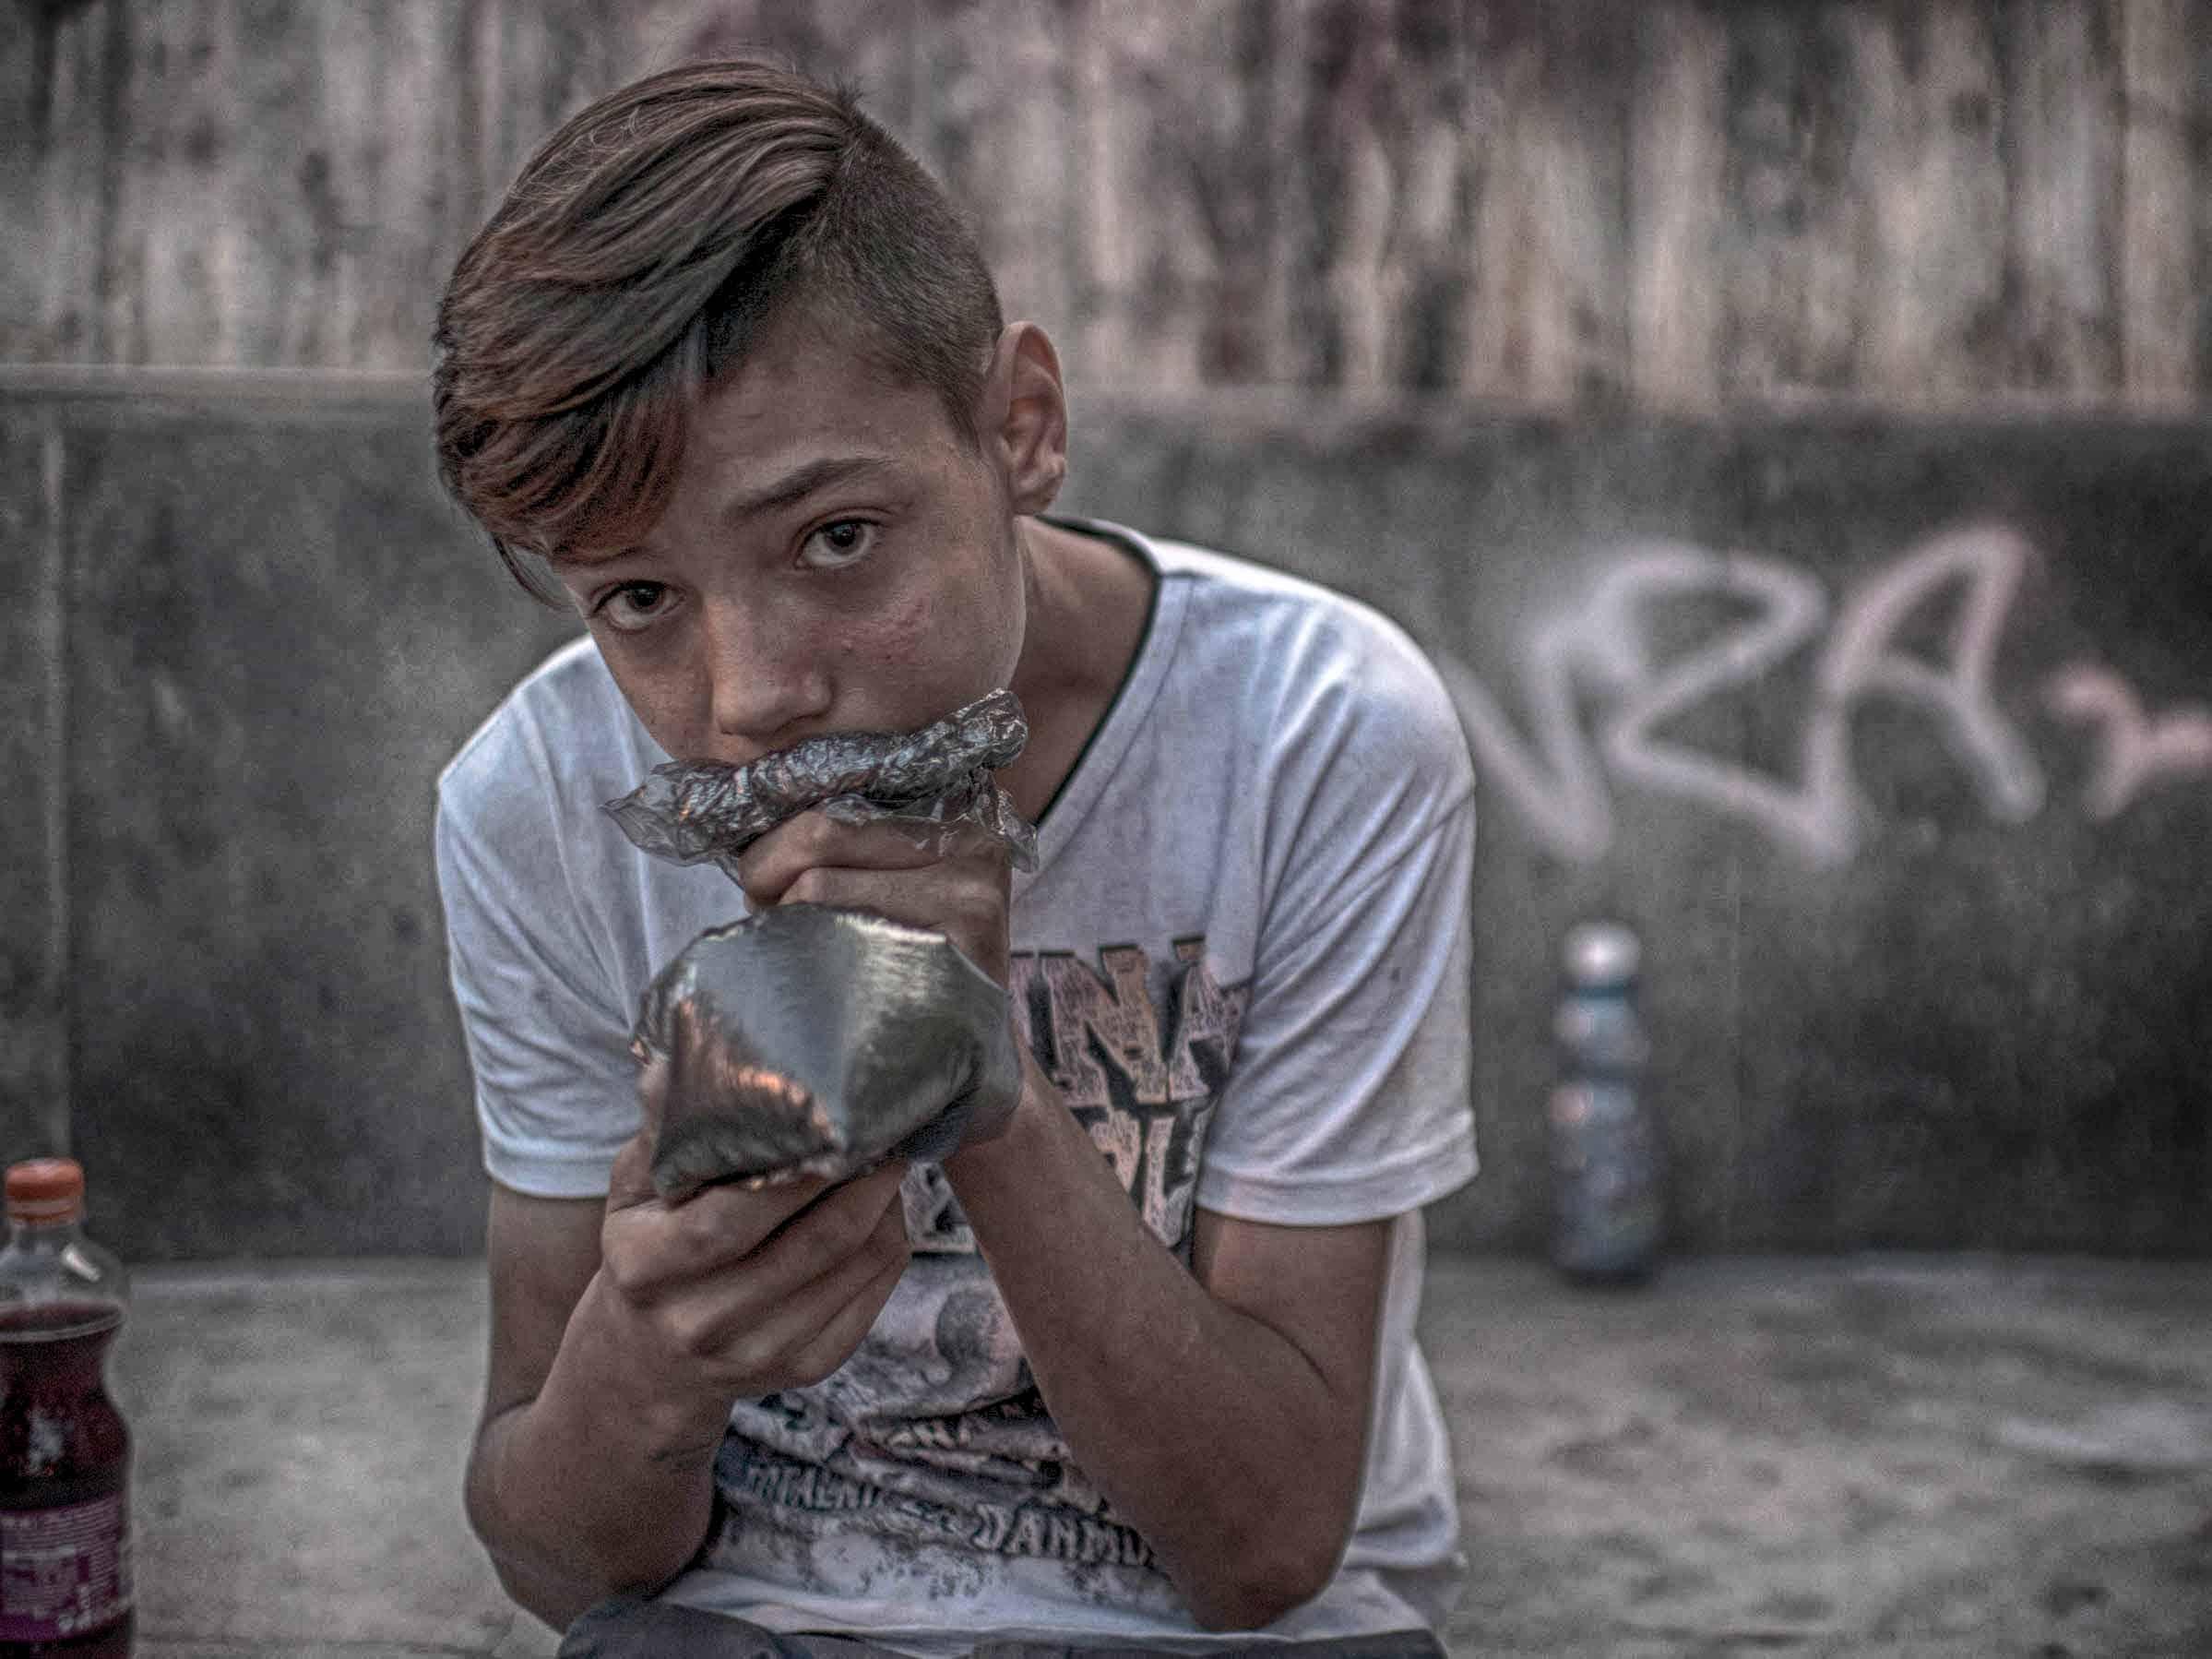 Άνθρωποι που ζουν στους υπονόμους της Ρουμανίας